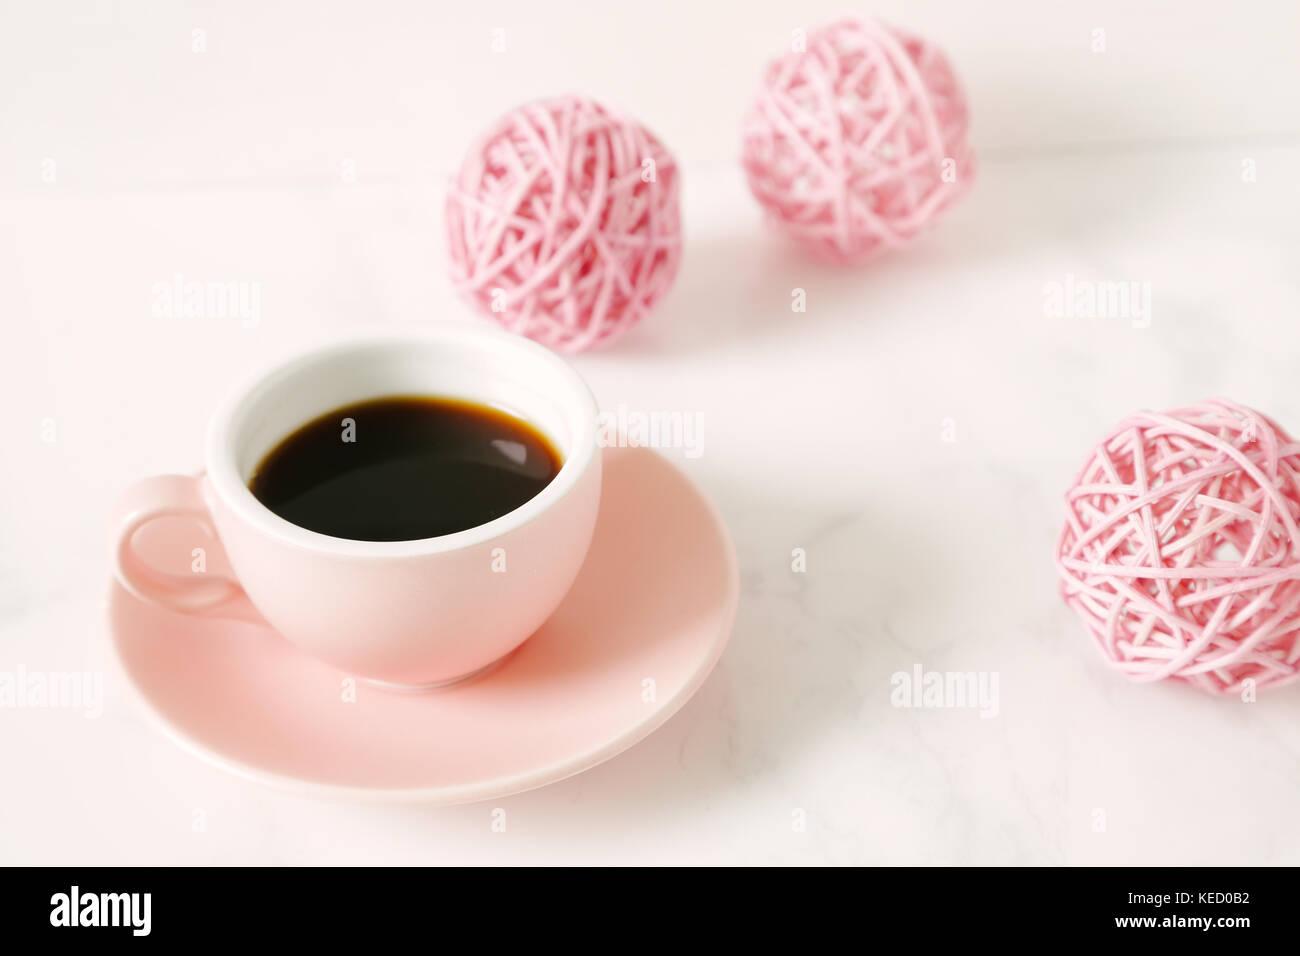 Café y adornos de color rosa en la mesa Imagen De Stock